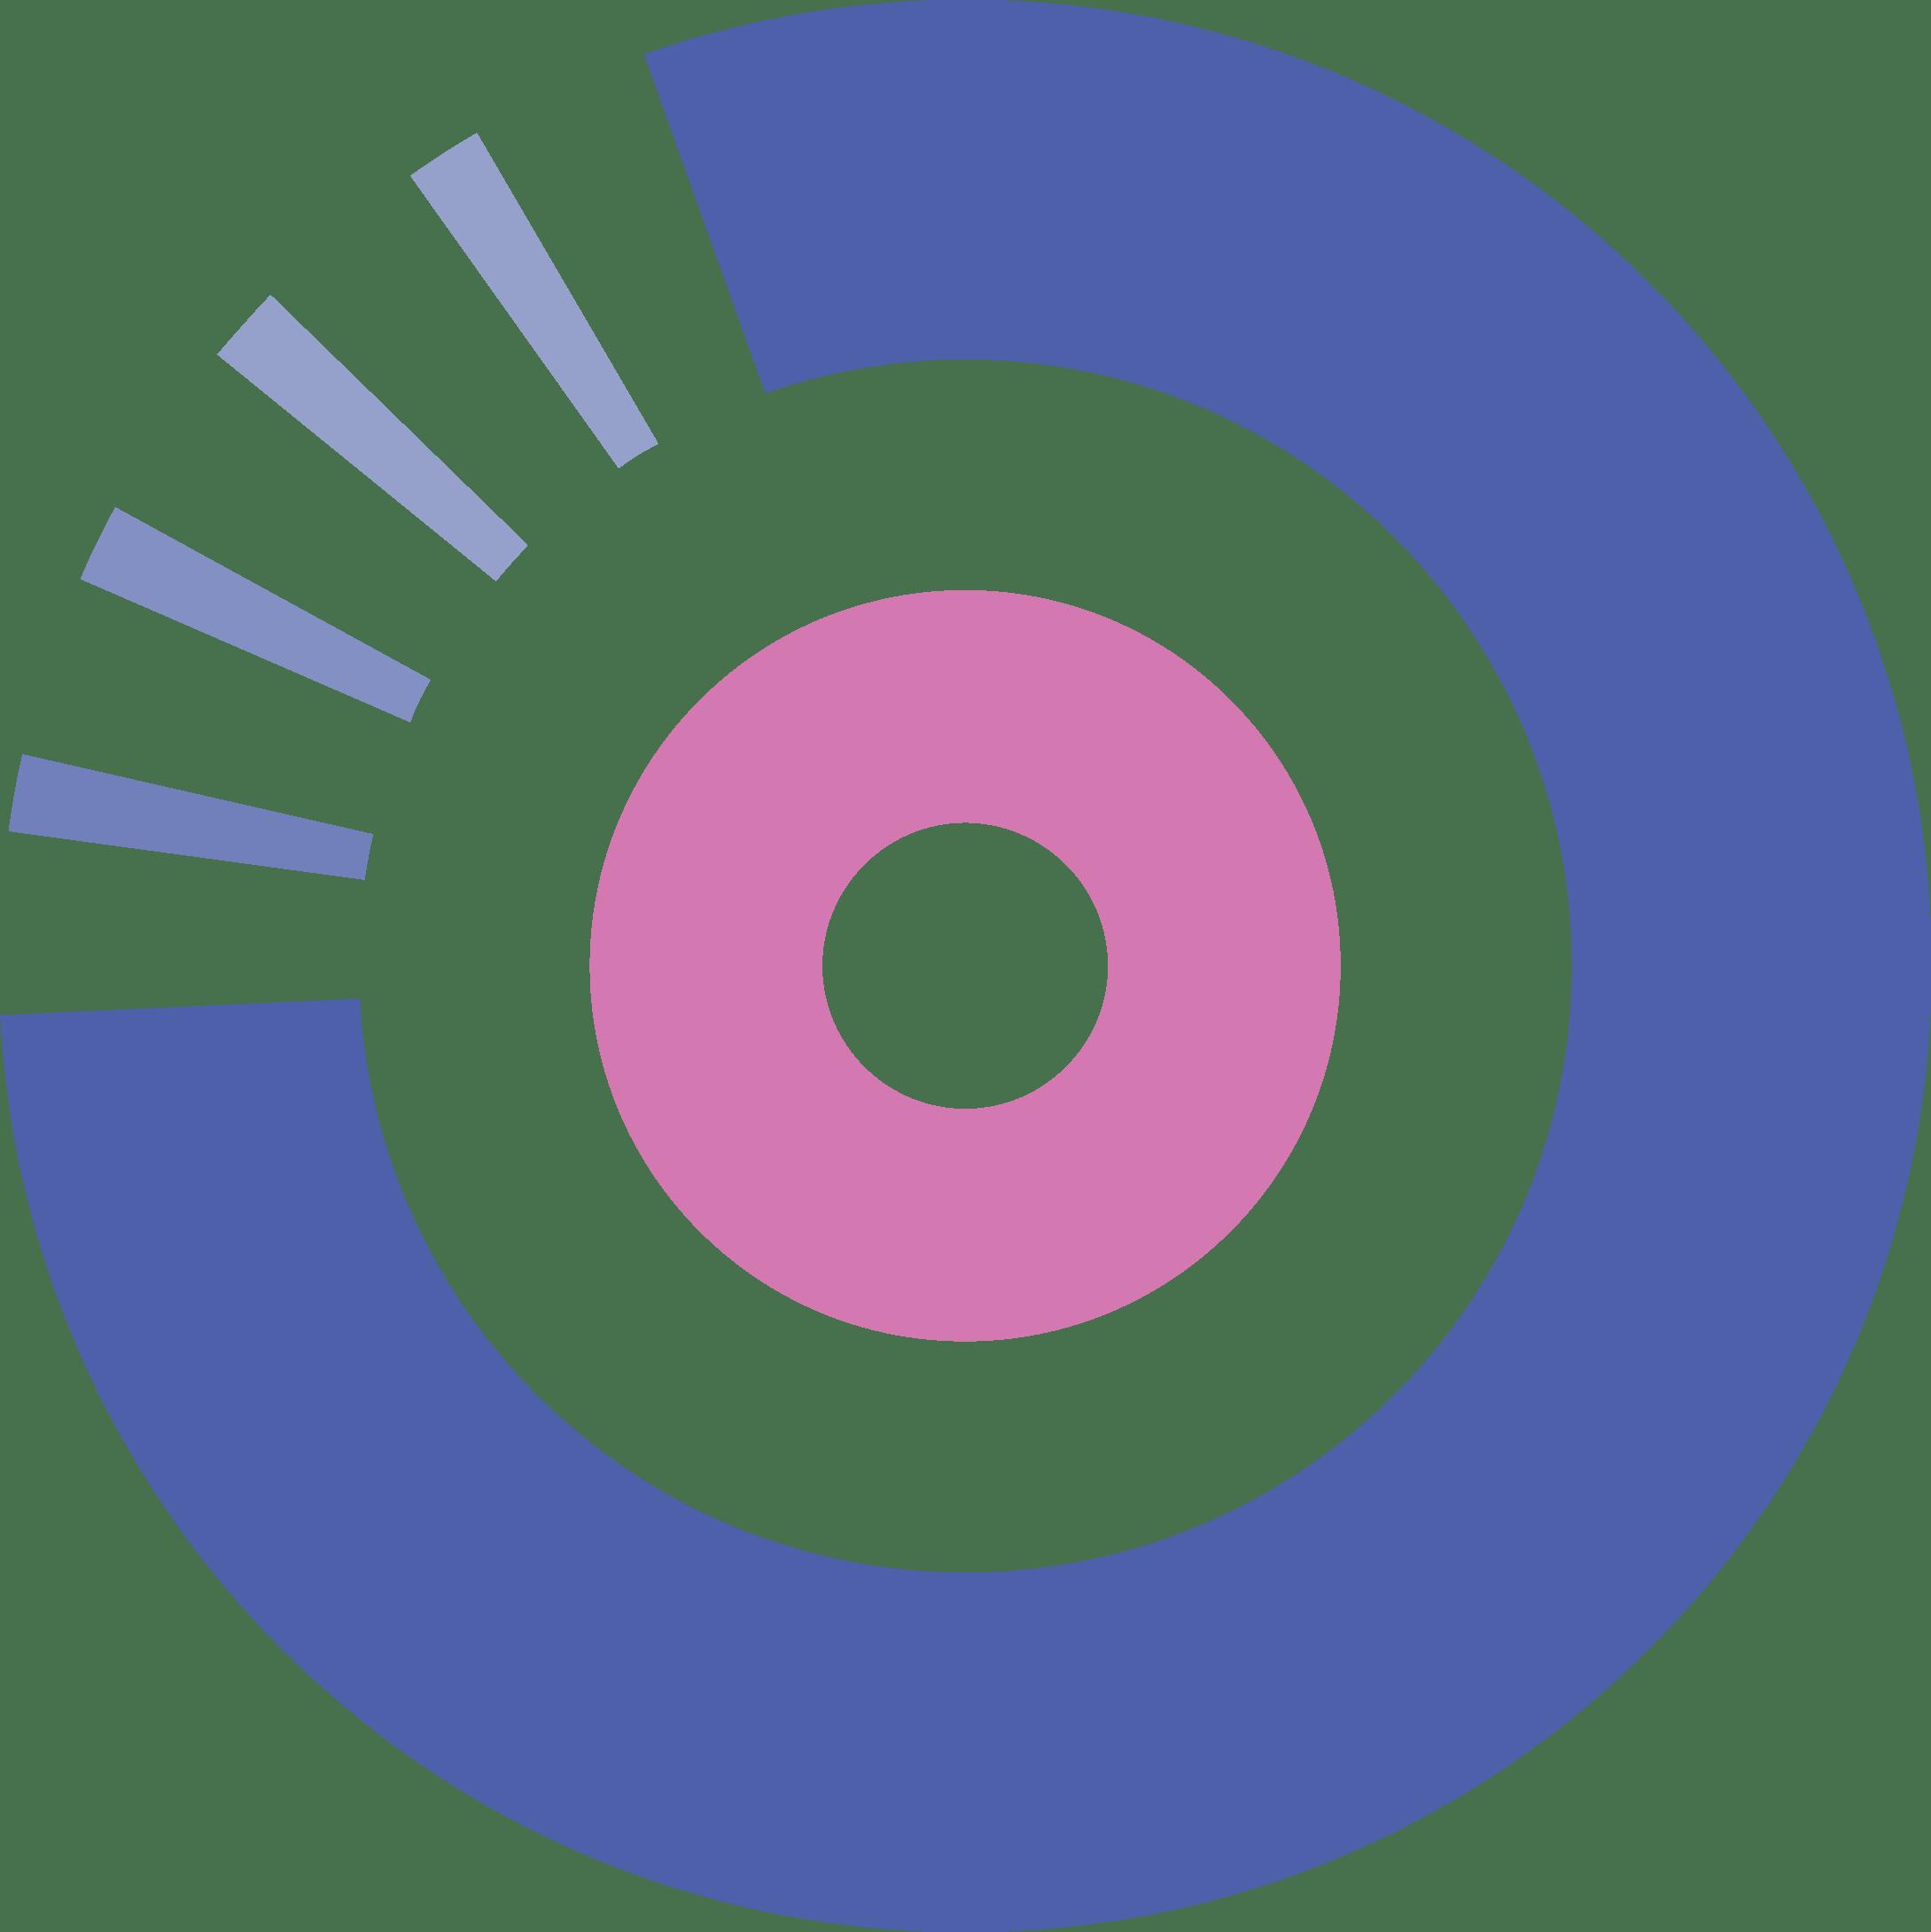 zine-eddine touati